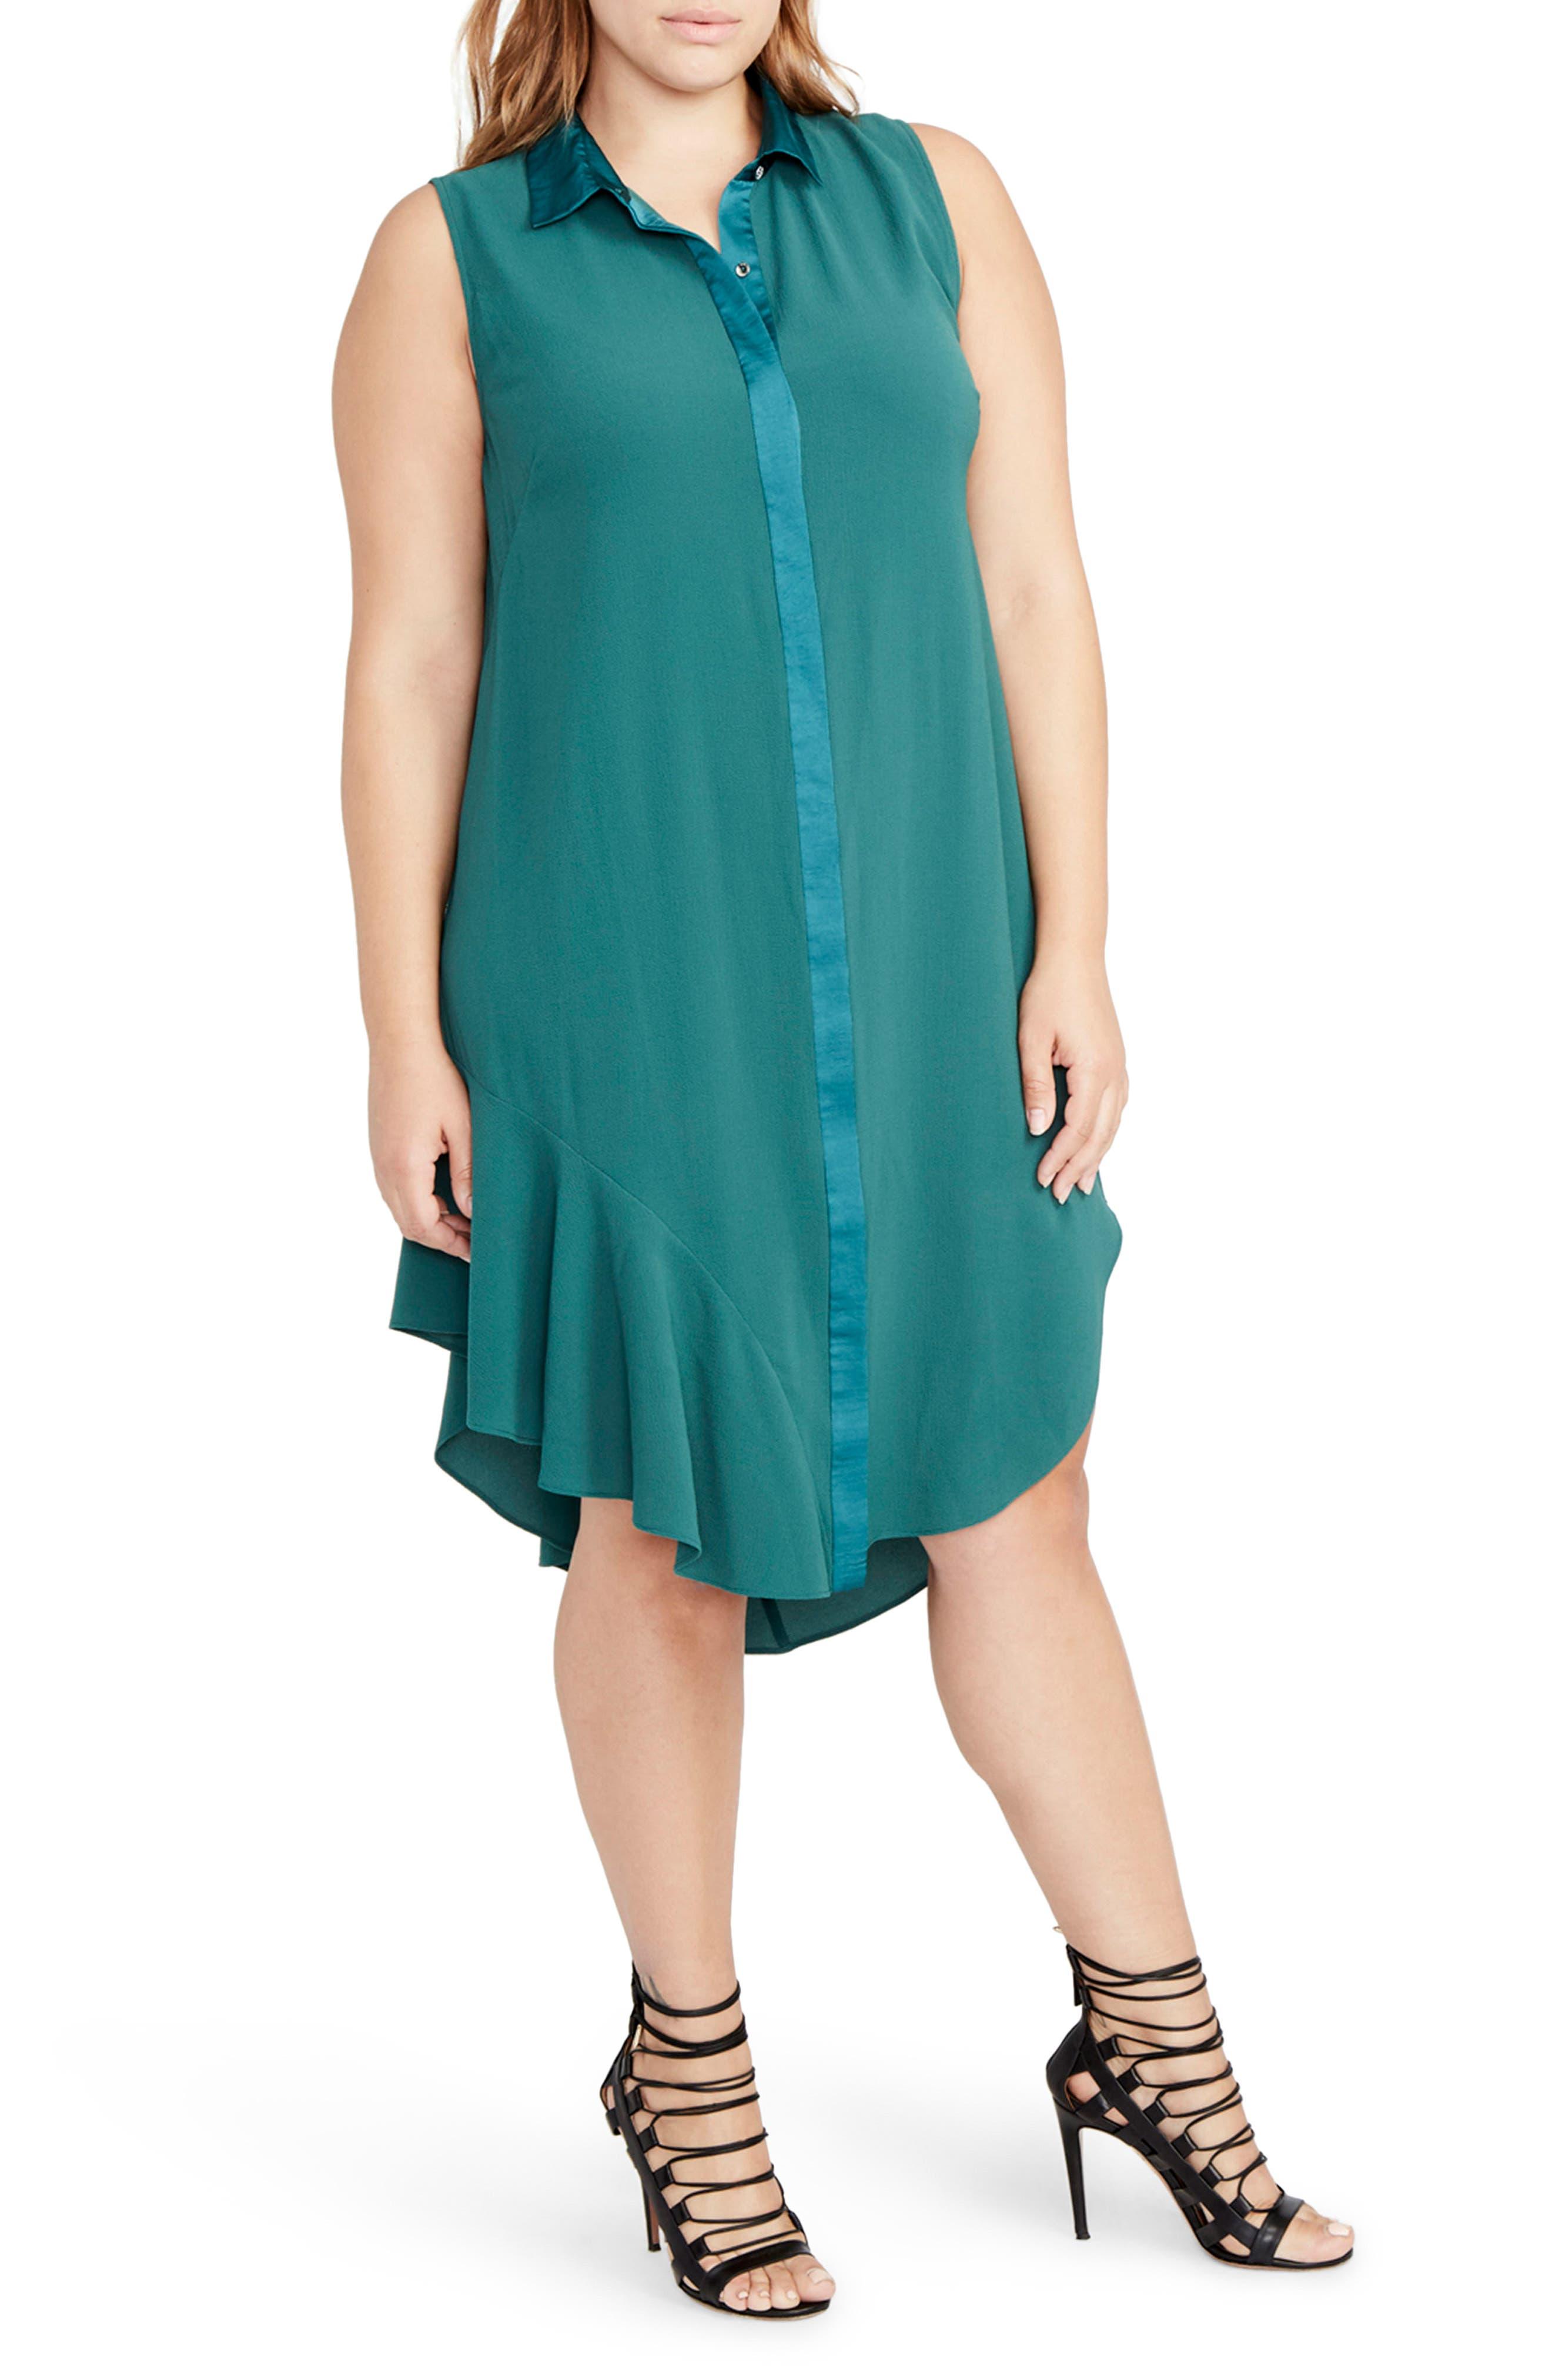 Combo Shirtdress,                         Main,                         color, Viridian Green